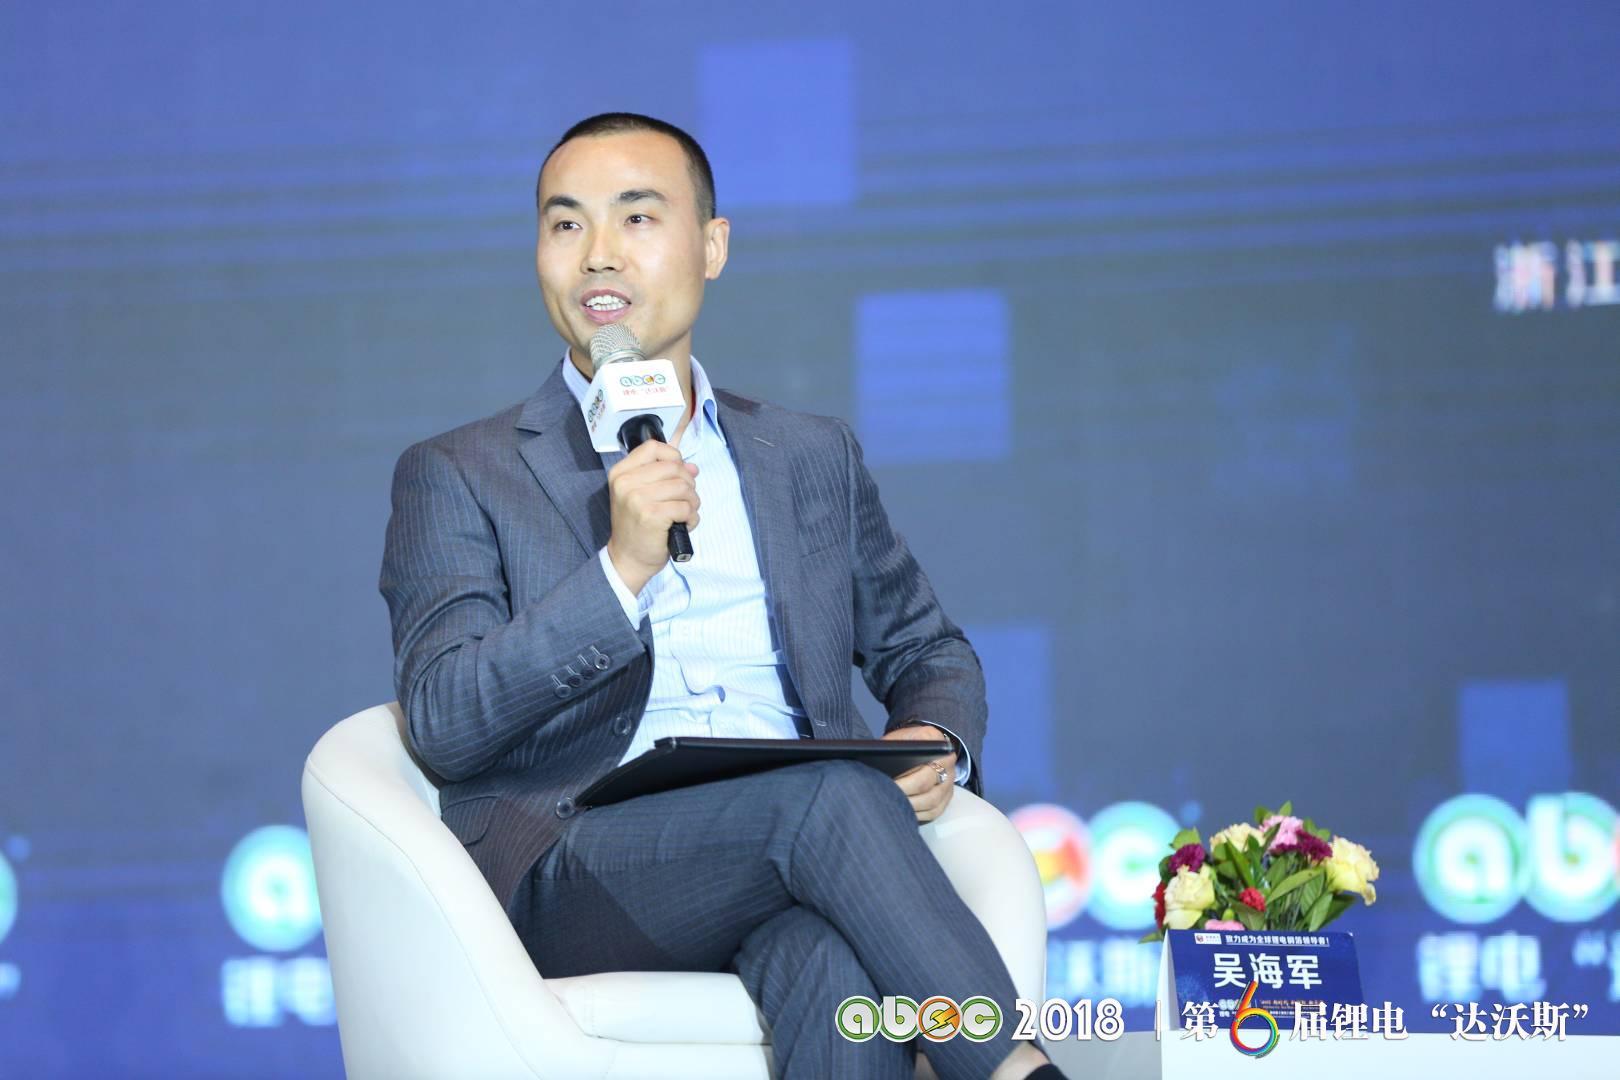 美都能源副总裁、浙江美都海创锂电科技有限公司总经理